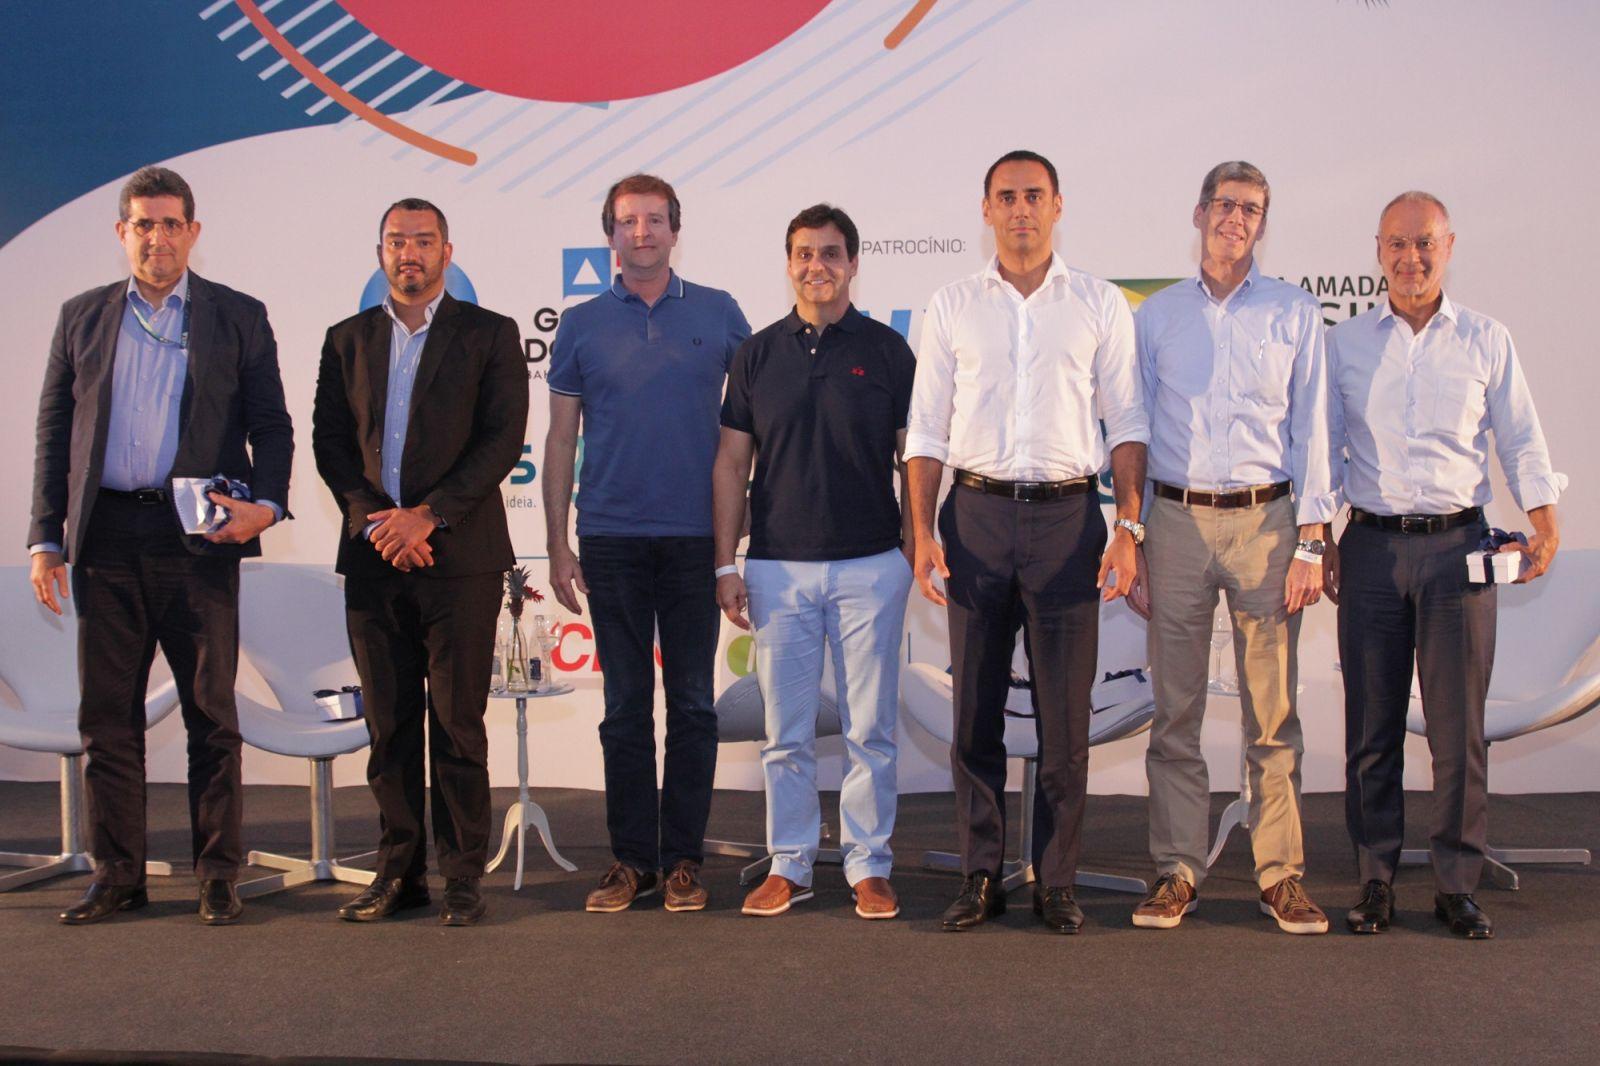 Laudicéia e Dr. Geraldo Leite foram destaque na posse do Dr. Edvaldo Brito na Academia de Letras da Bahia